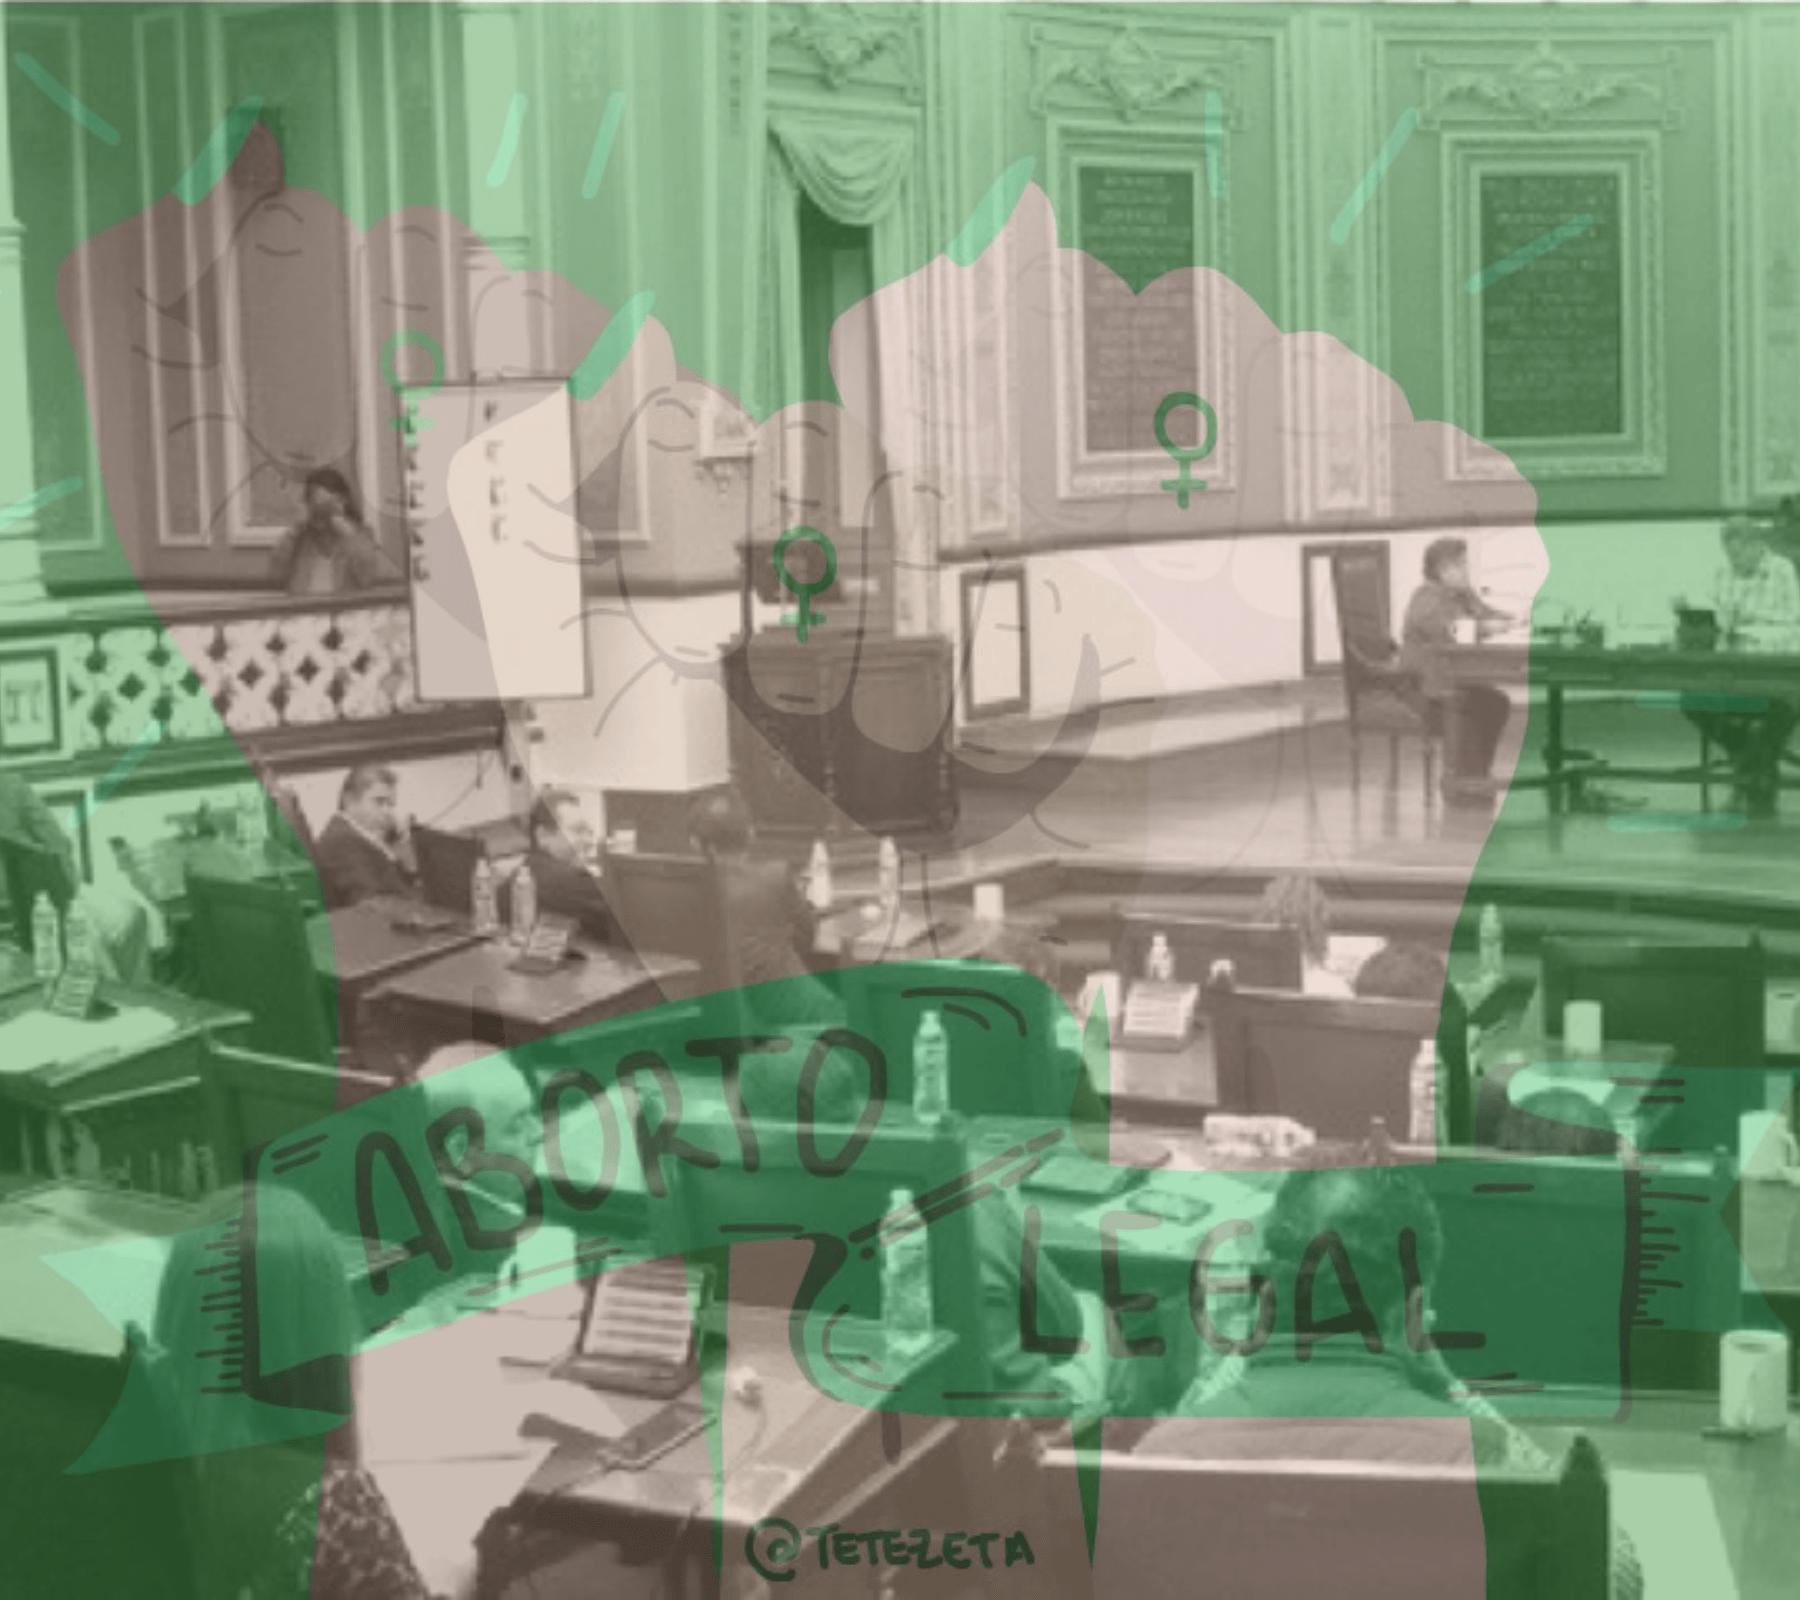 Exigen a Congreso de Puebla retomar discusión sobre despenalización del aborto